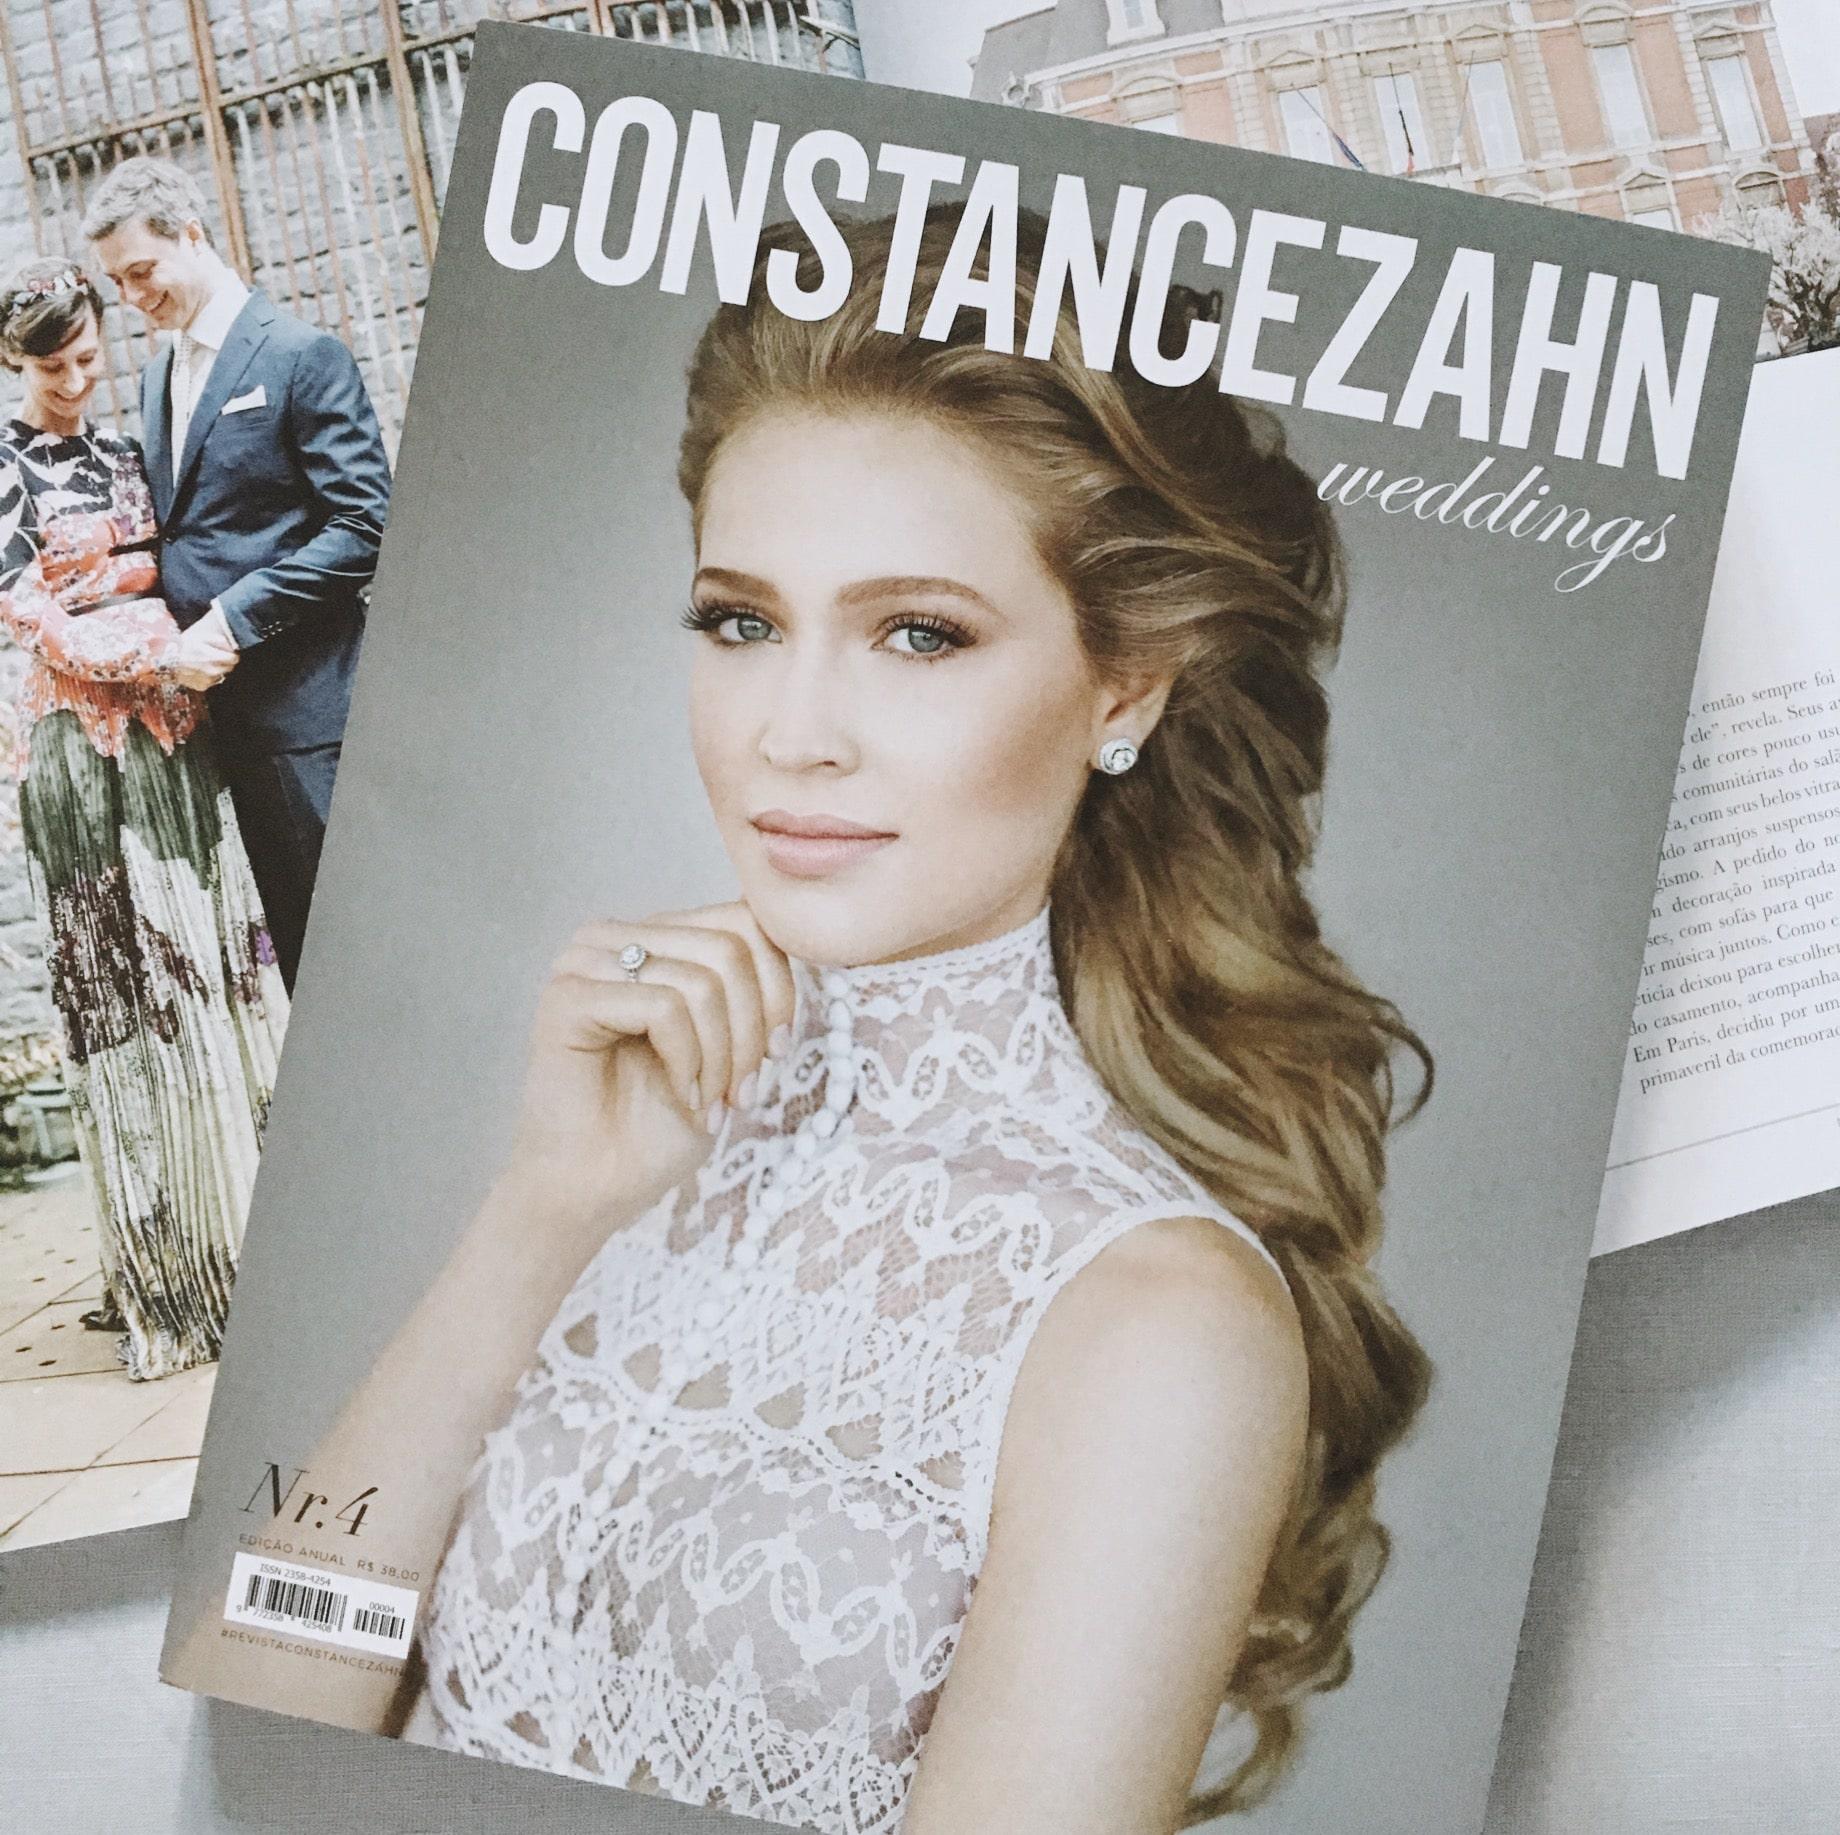 Constance Zahn